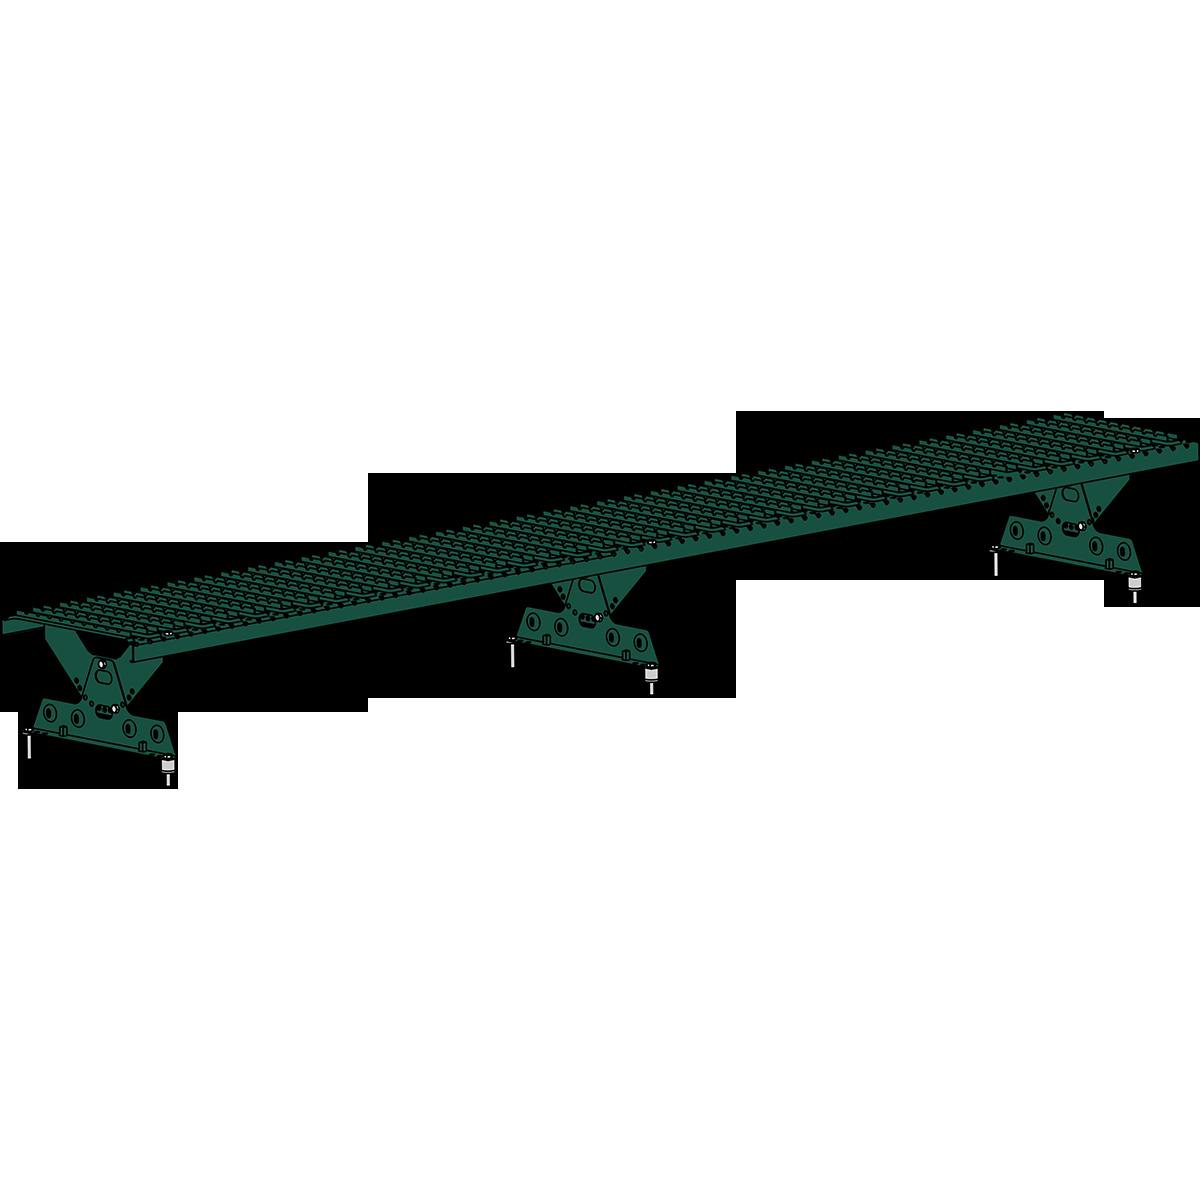 Мостик кровельный ROOFSYSTEMS ELITE 330 NEXT 2,5 м RAL 6005 Зеленый мох